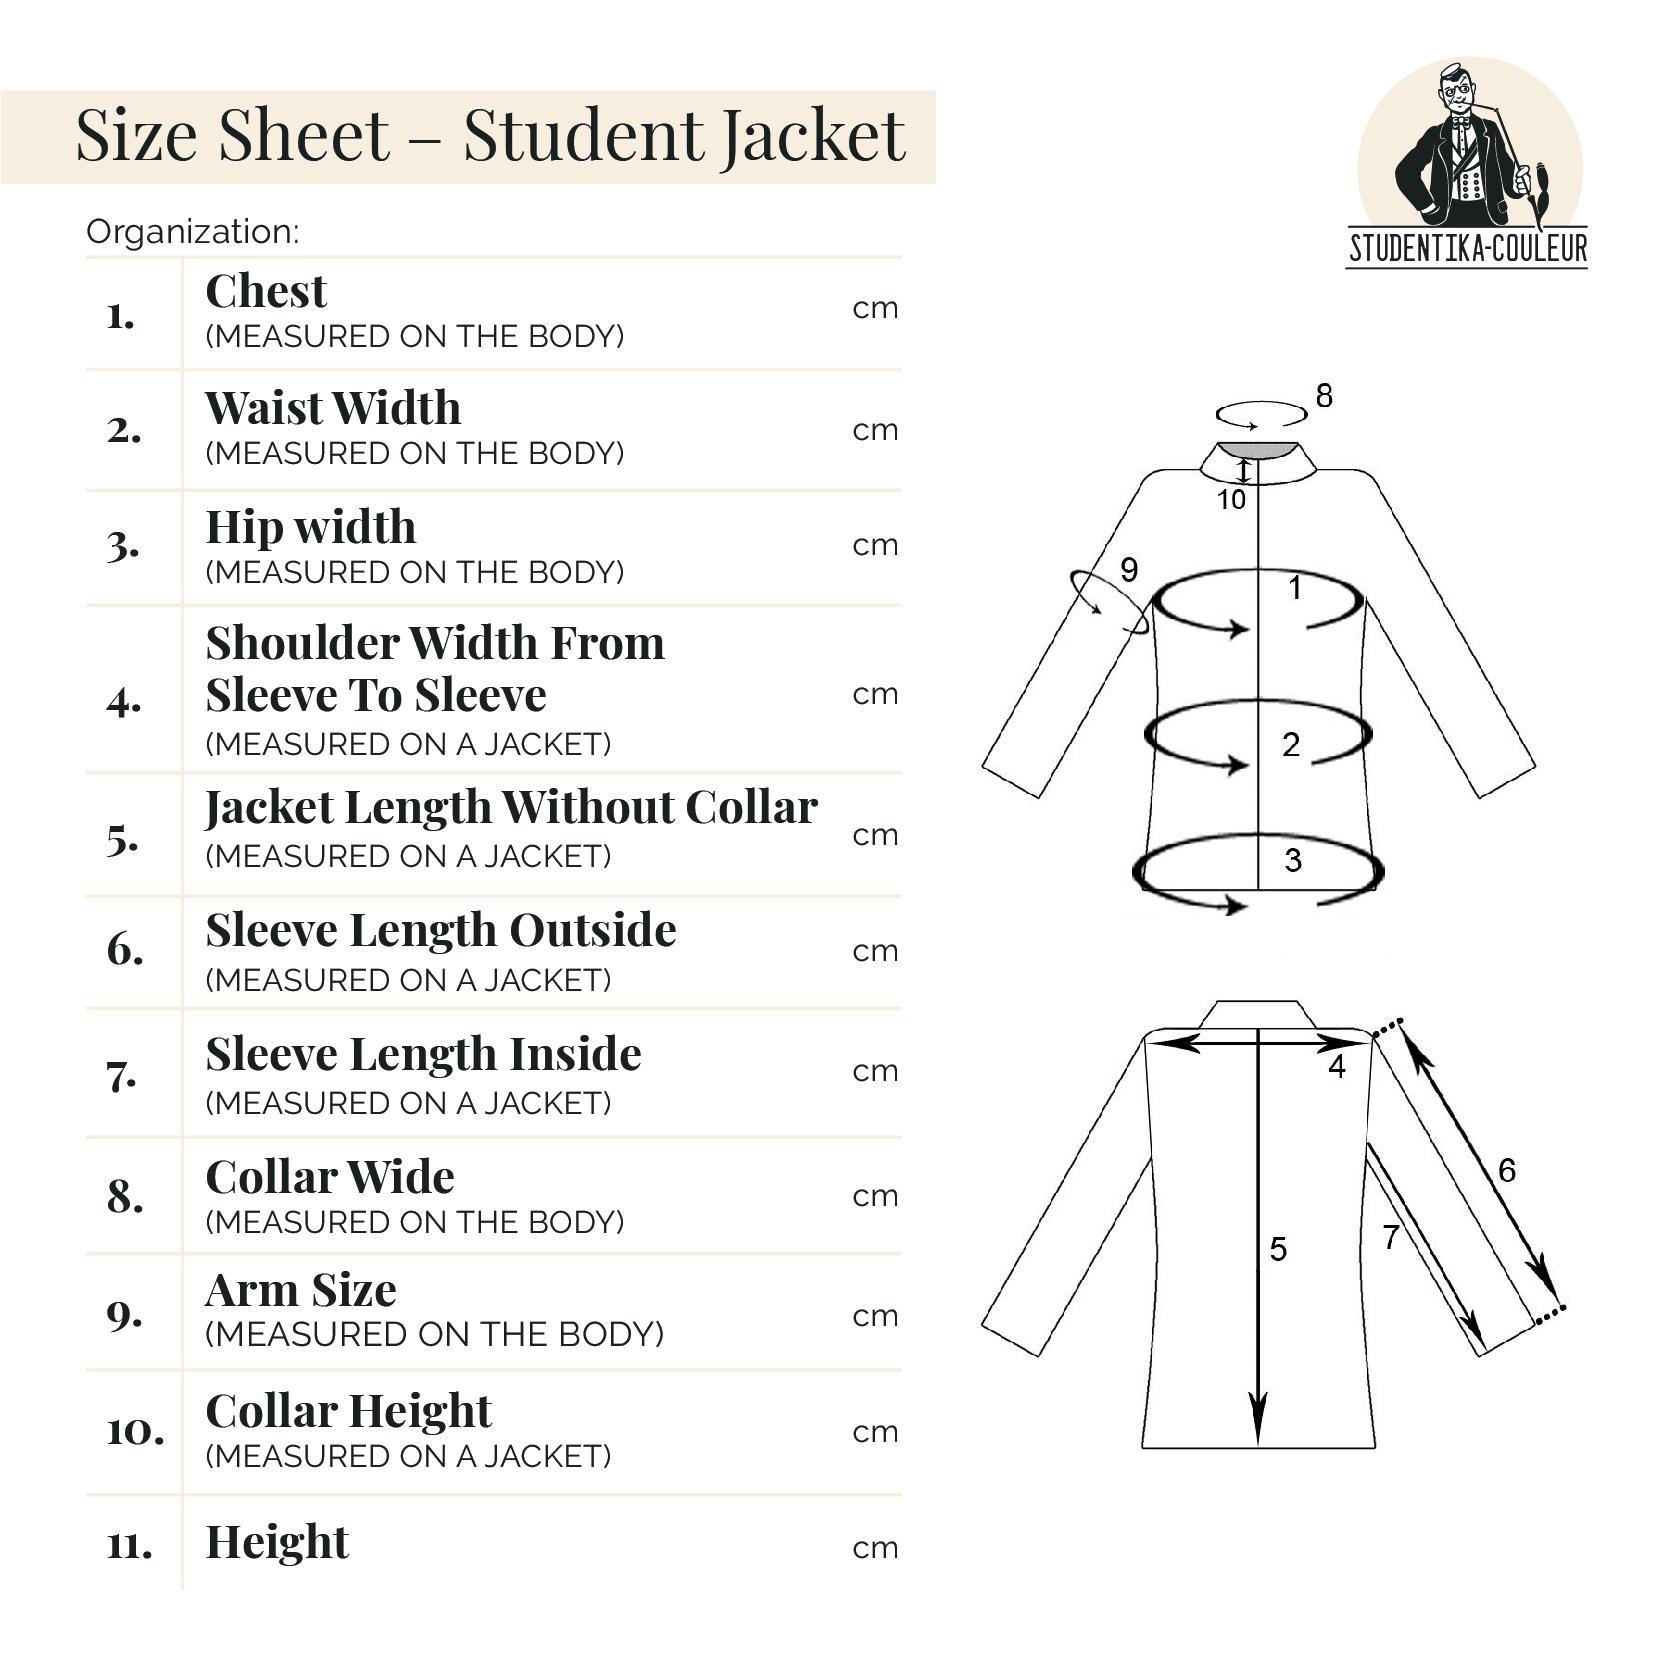 studentika-couleur size sheet